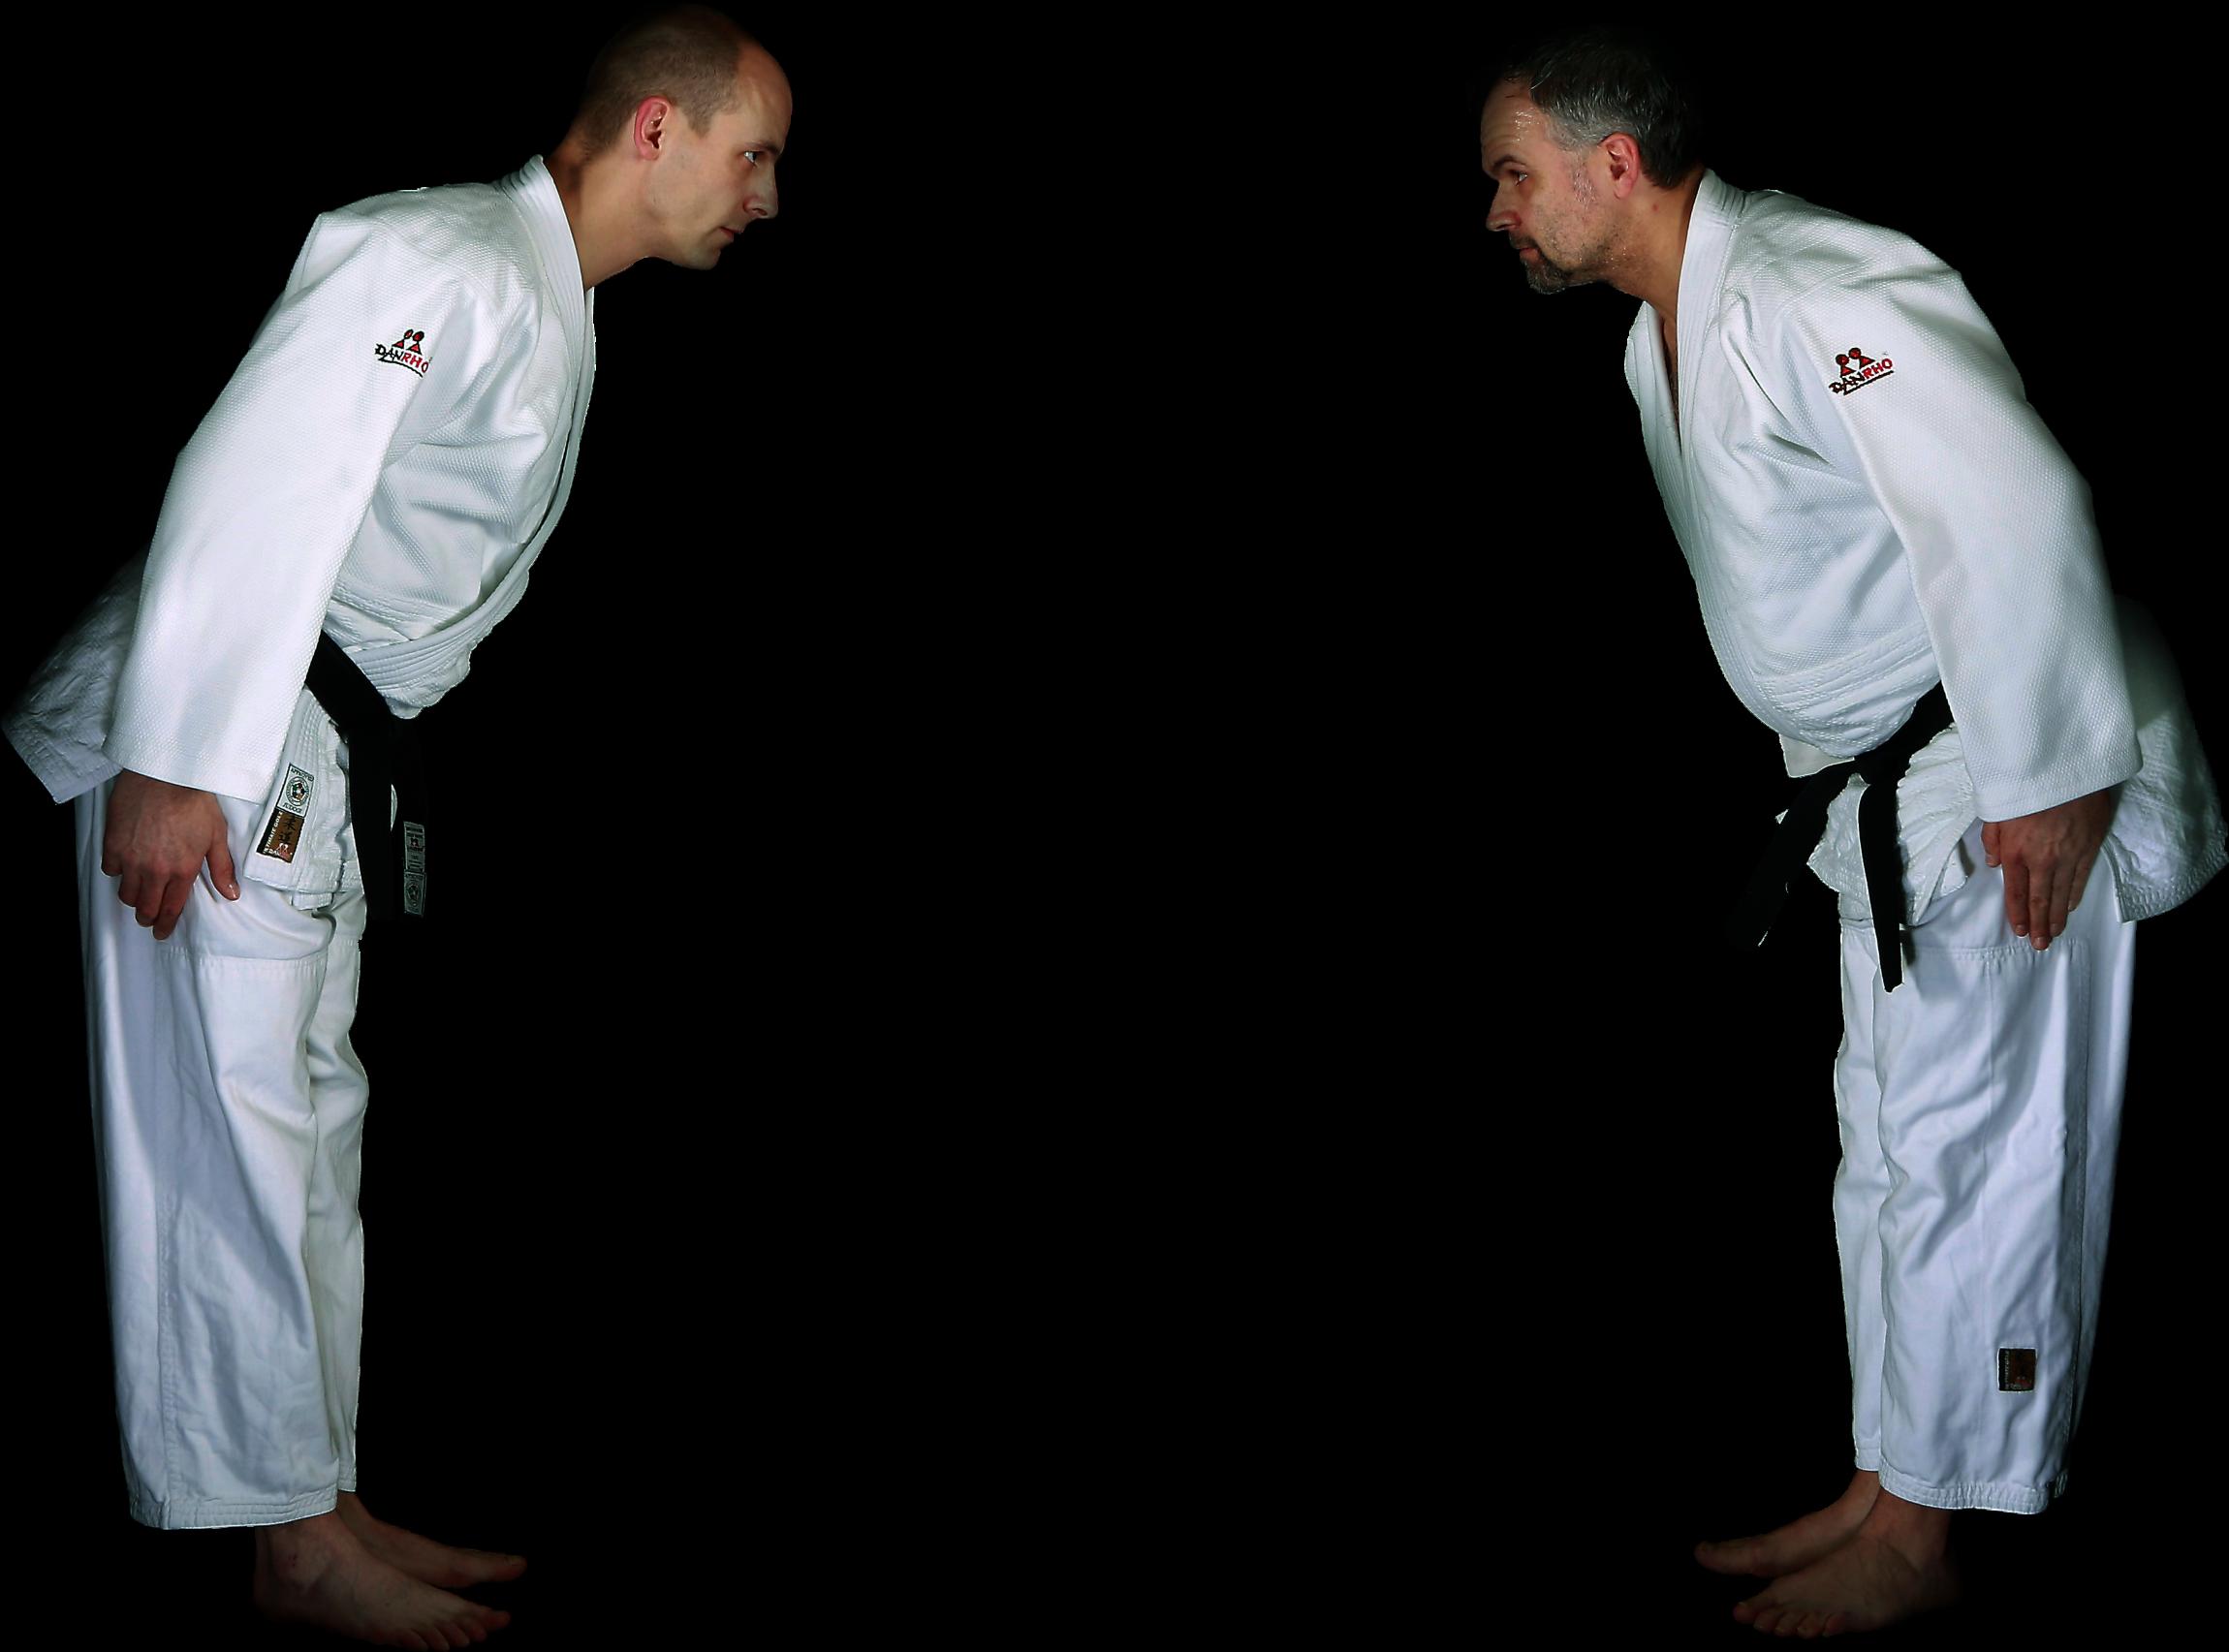 Bewegt älter werden mit Judo – Eine neue Gruppe beim JSV